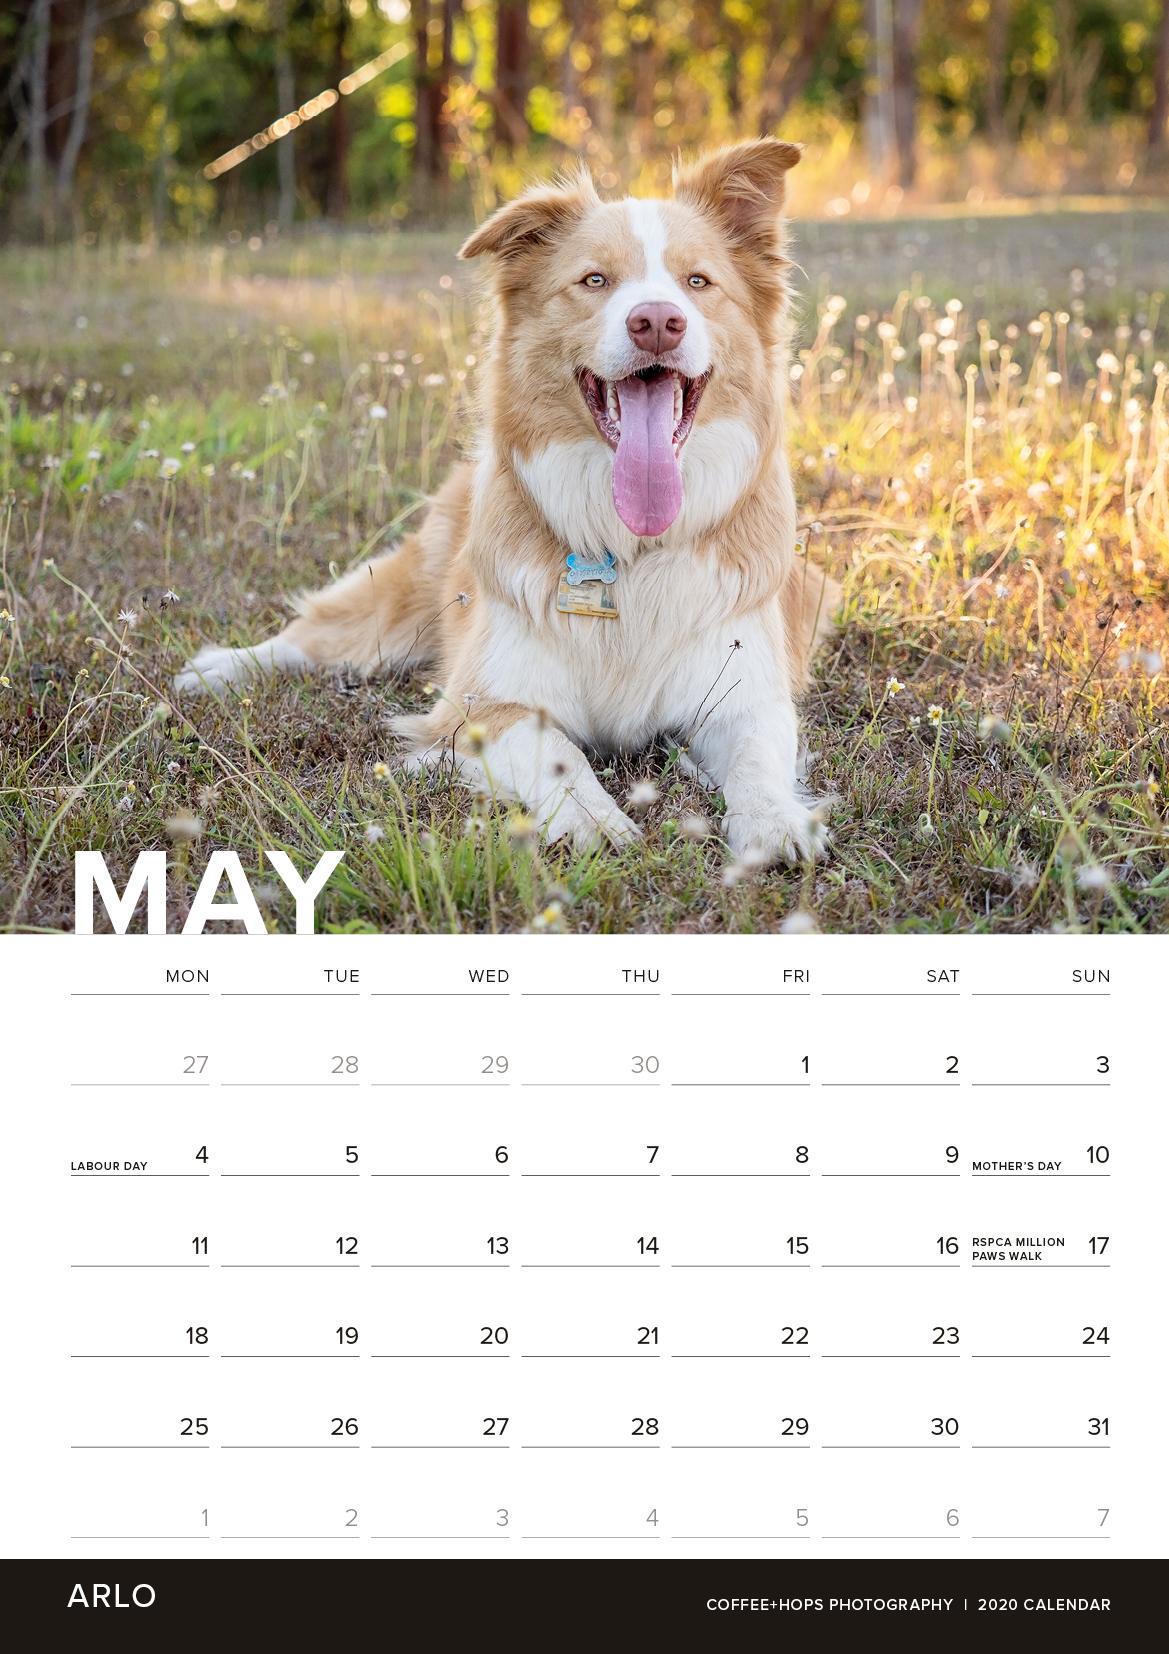 2020-calendar-internals5.jpg